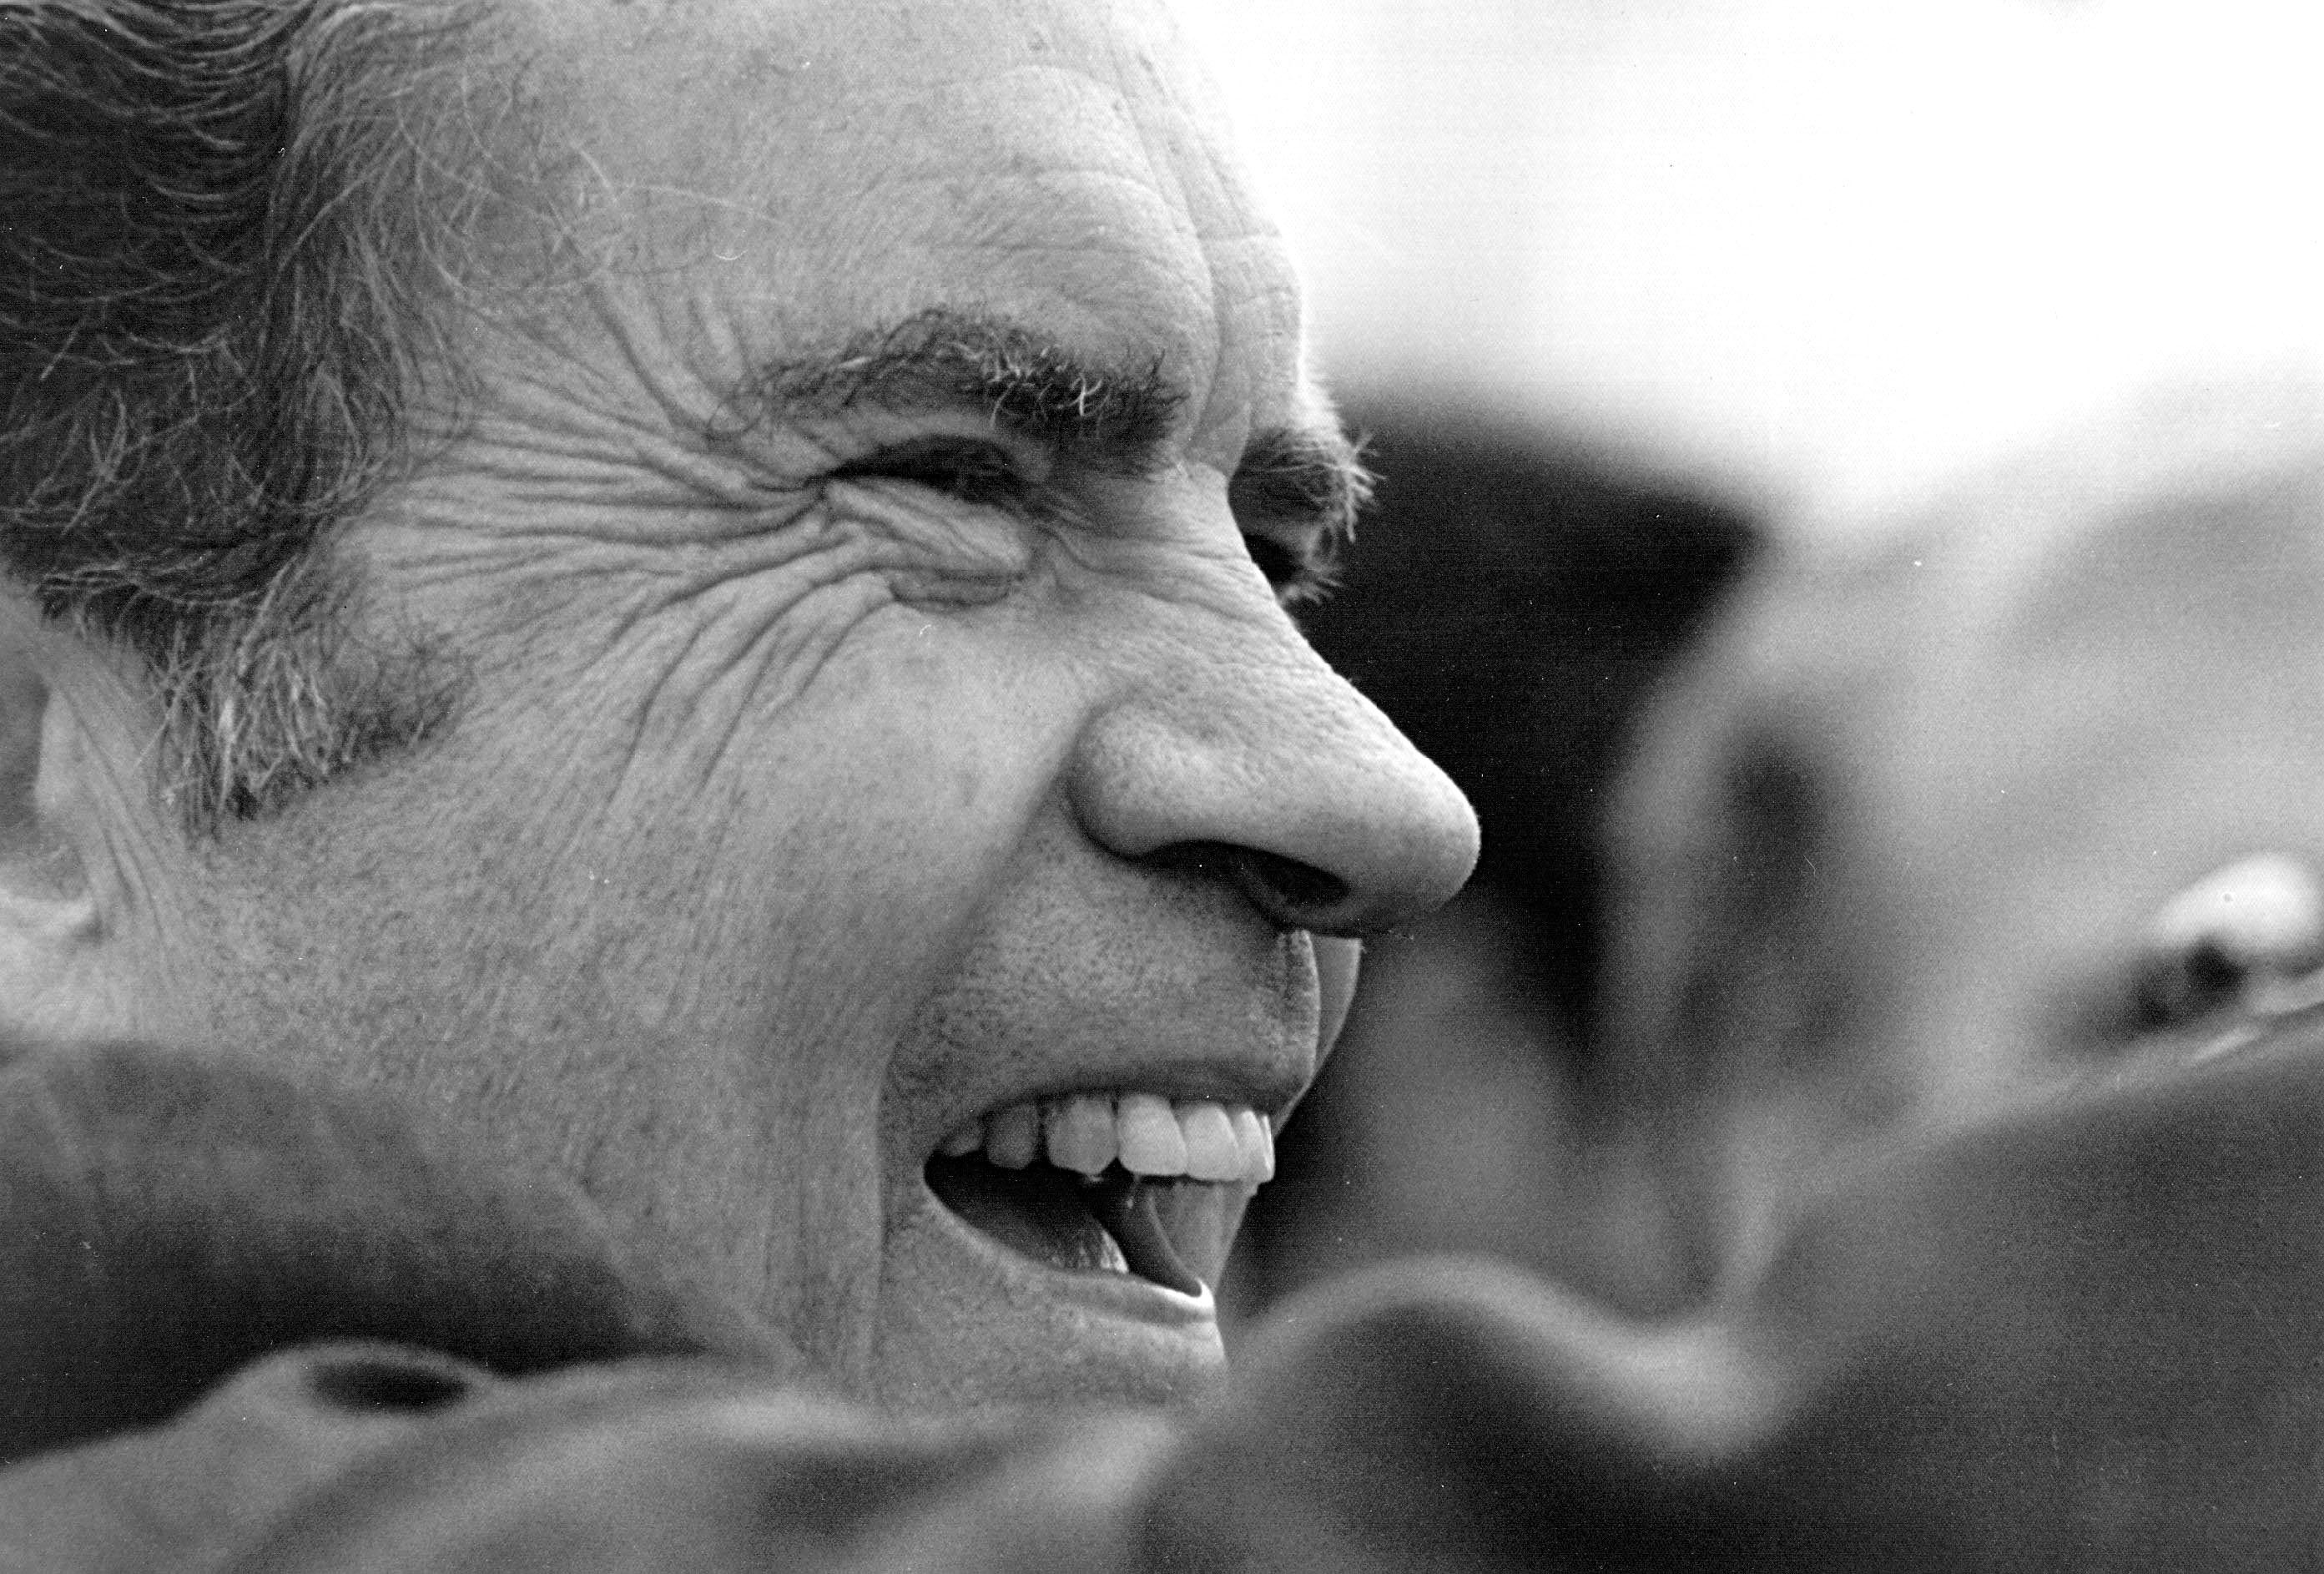 """Бившият президент на САЩ - Ричард Никсън, притежава толкова специфичен нос, че самият тип дори носи името му - """"Никсън""""."""